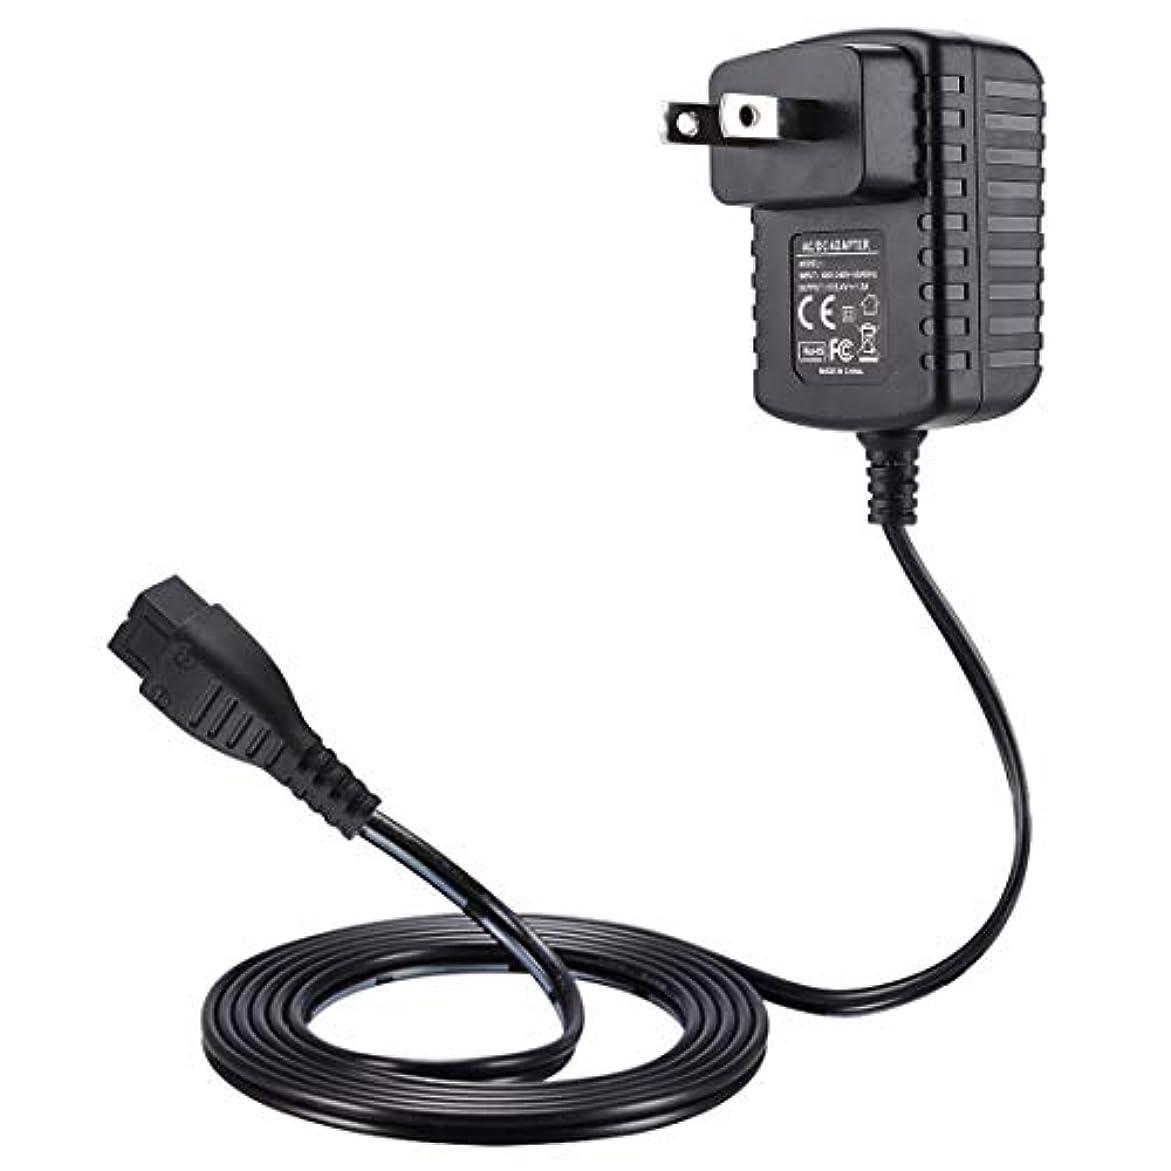 見積り静脈公平Punasi パナソニック シェーバー対応 5.4V 1.2A Panasonic対応 ACアダプター DCアダプター 5.4V電源アダプター交換用充電器 ES7000 ES8000 シリーズ ES8232 ES8237...